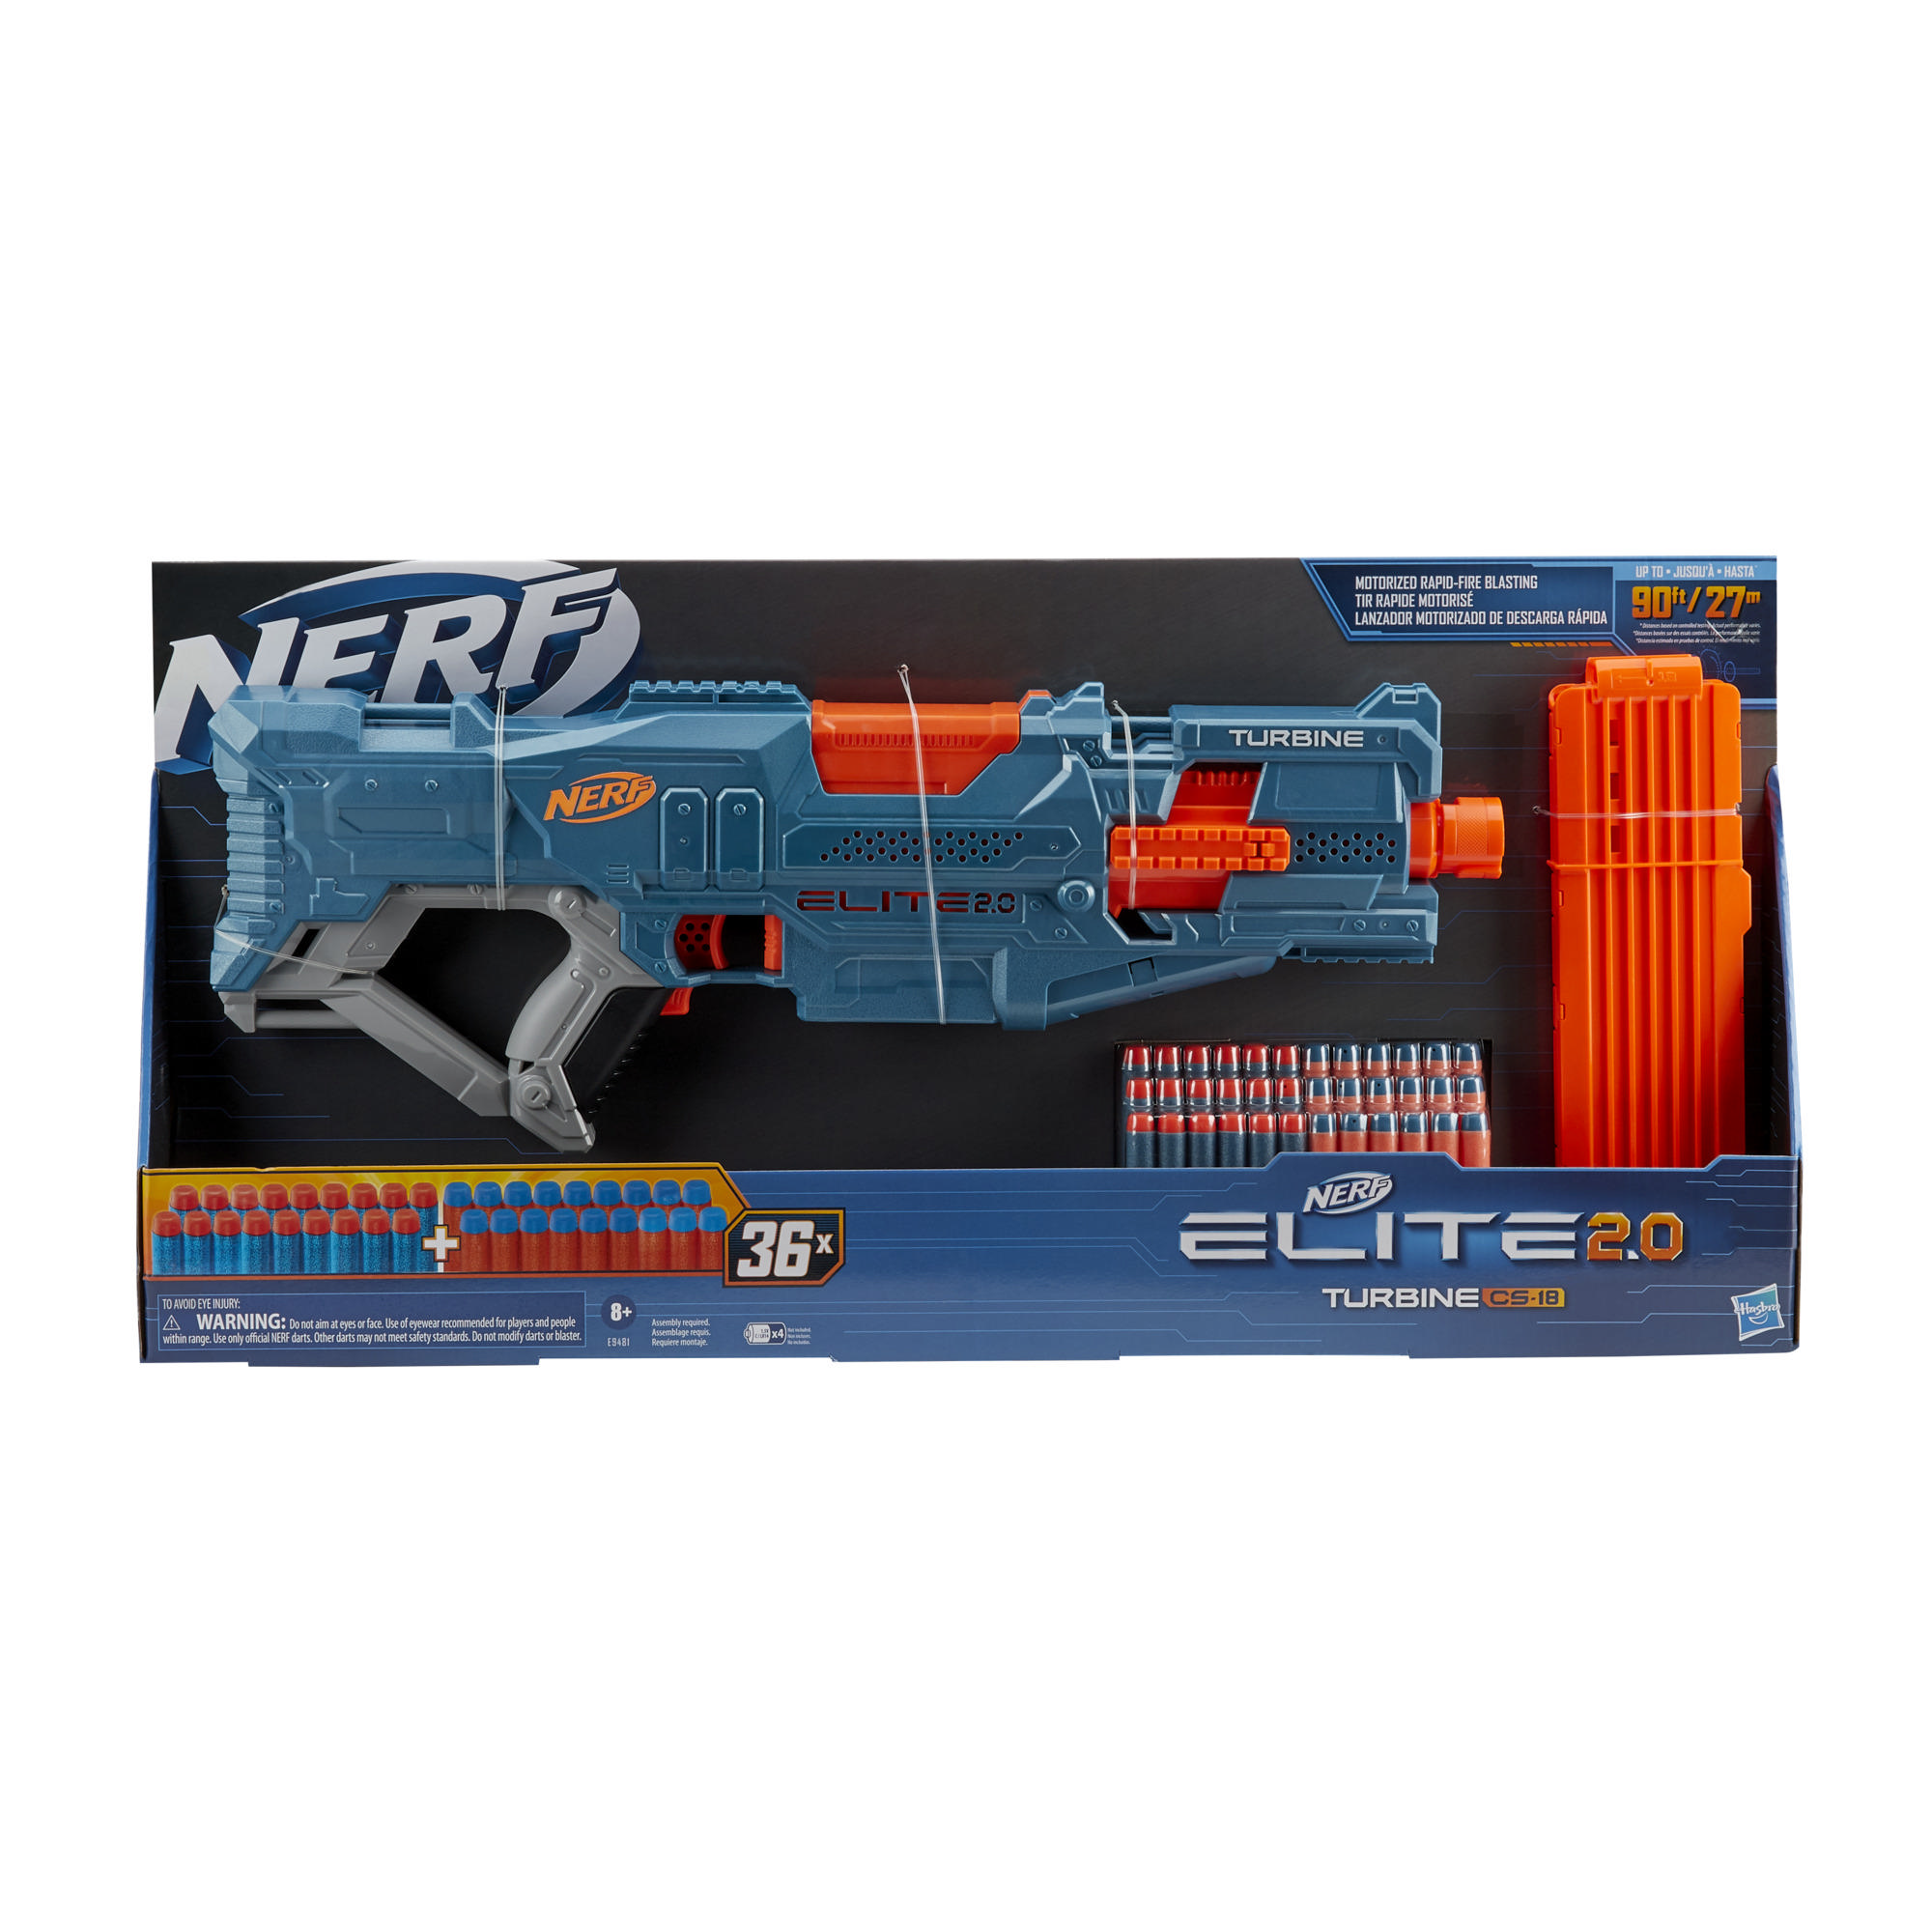 Nerf Elite2.0 Turbine CS-18 motorizovaný blaster, 36originálních šipek Nerf, zásobník na 18šipek, vestavěné možnosti přizpůsobení